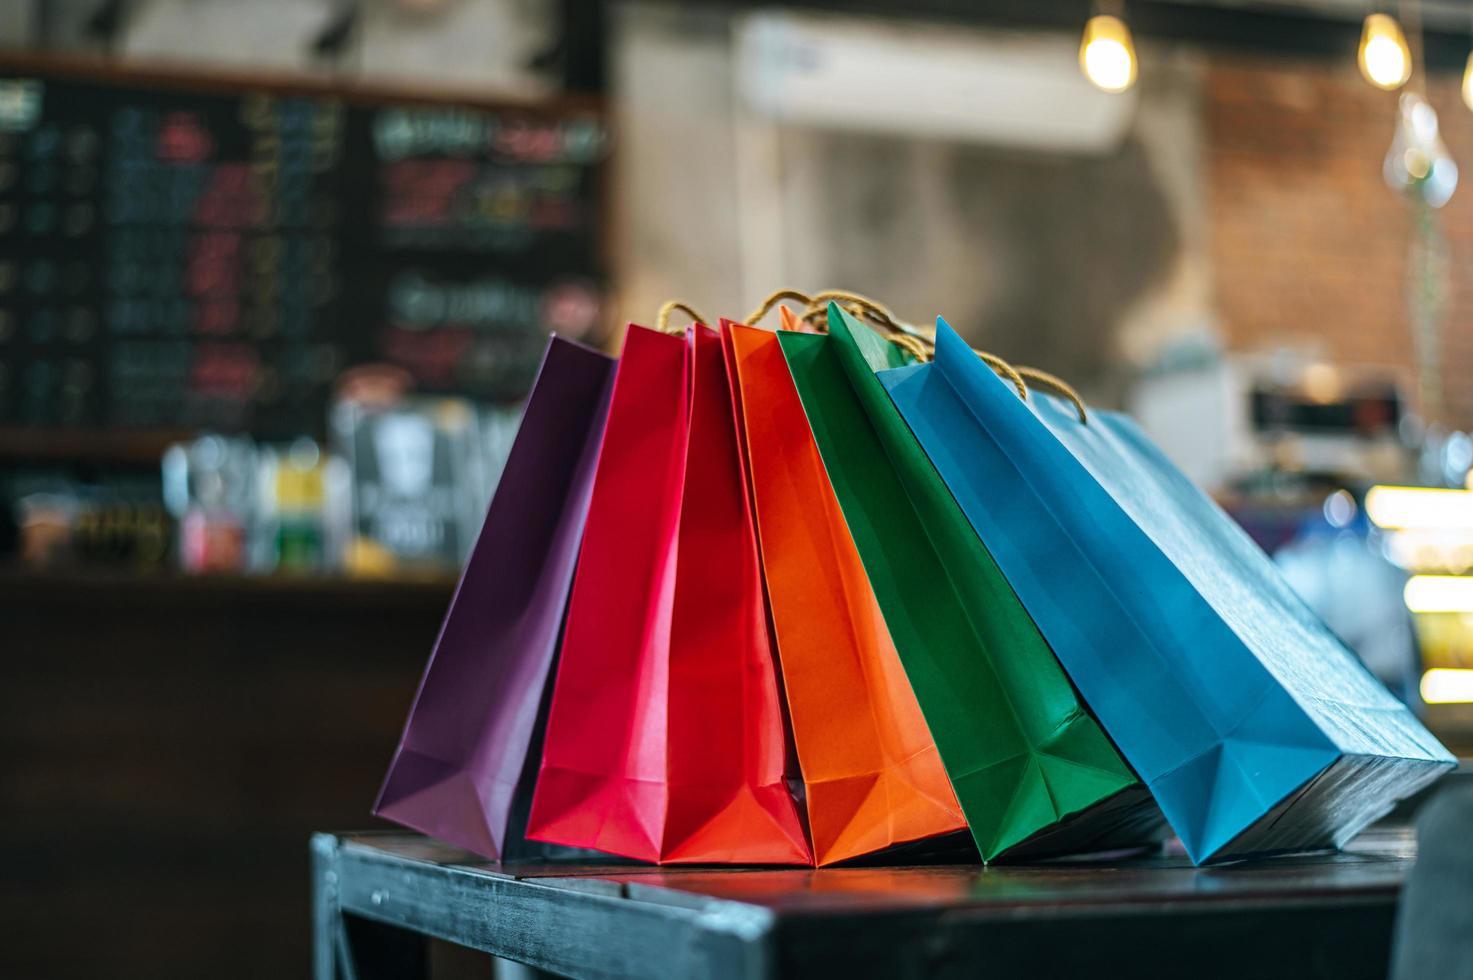 färgglada papperspåsar placerade på bordet foto